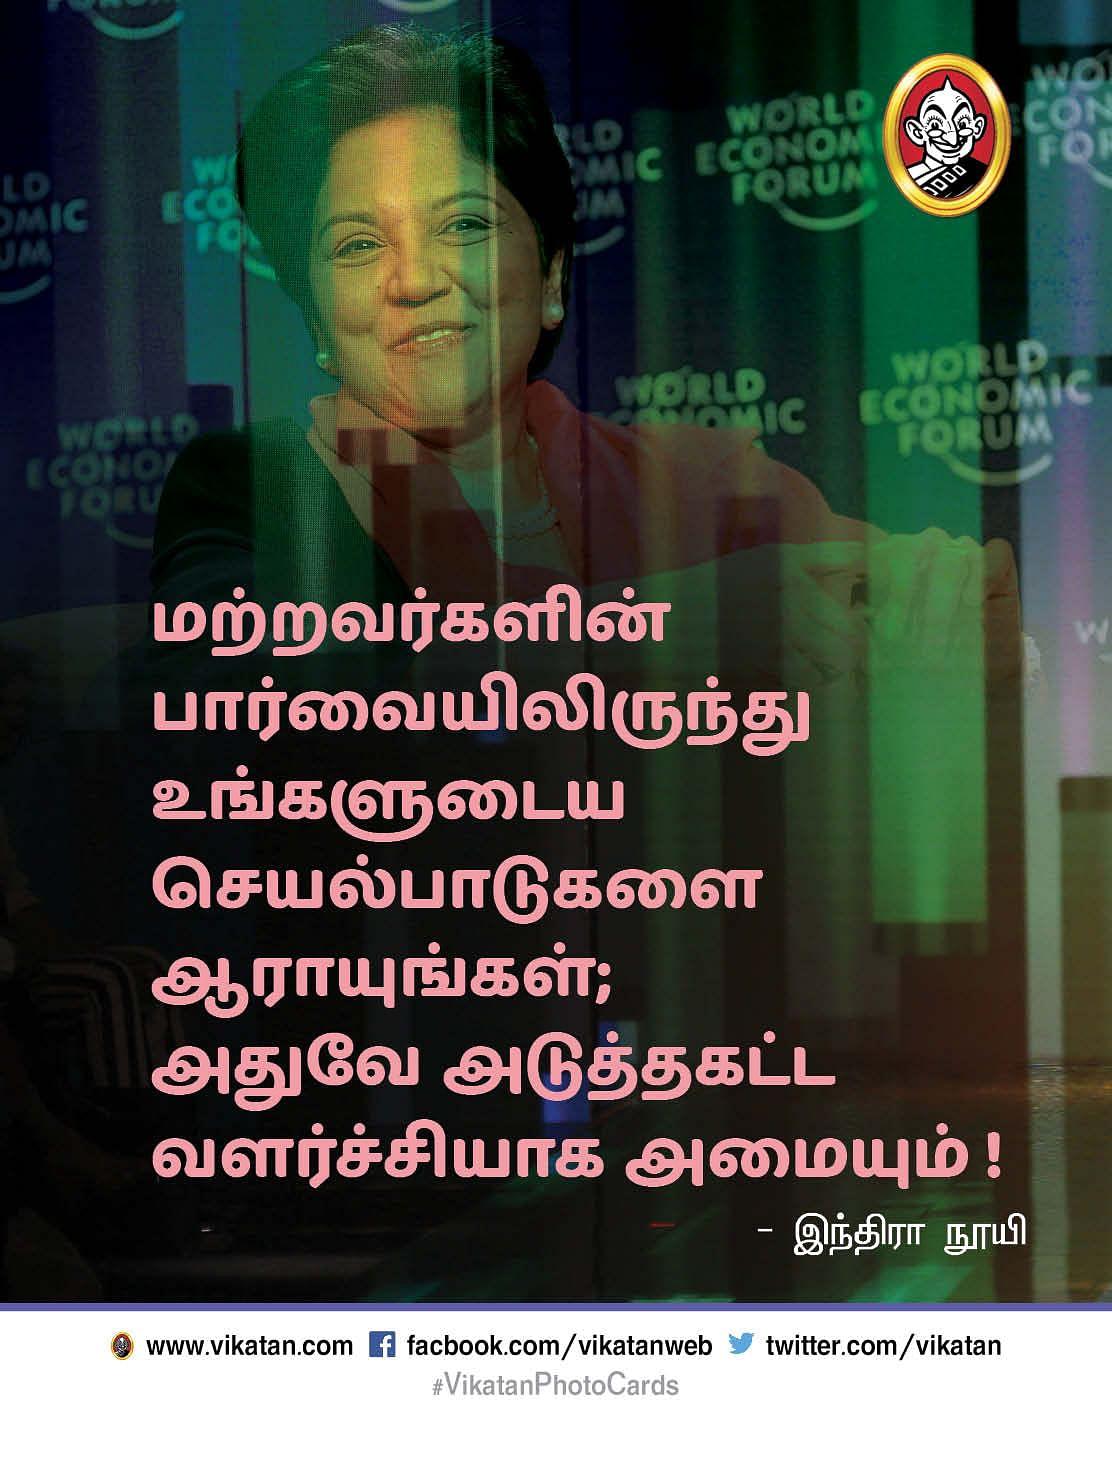 இந்திரா நூயி